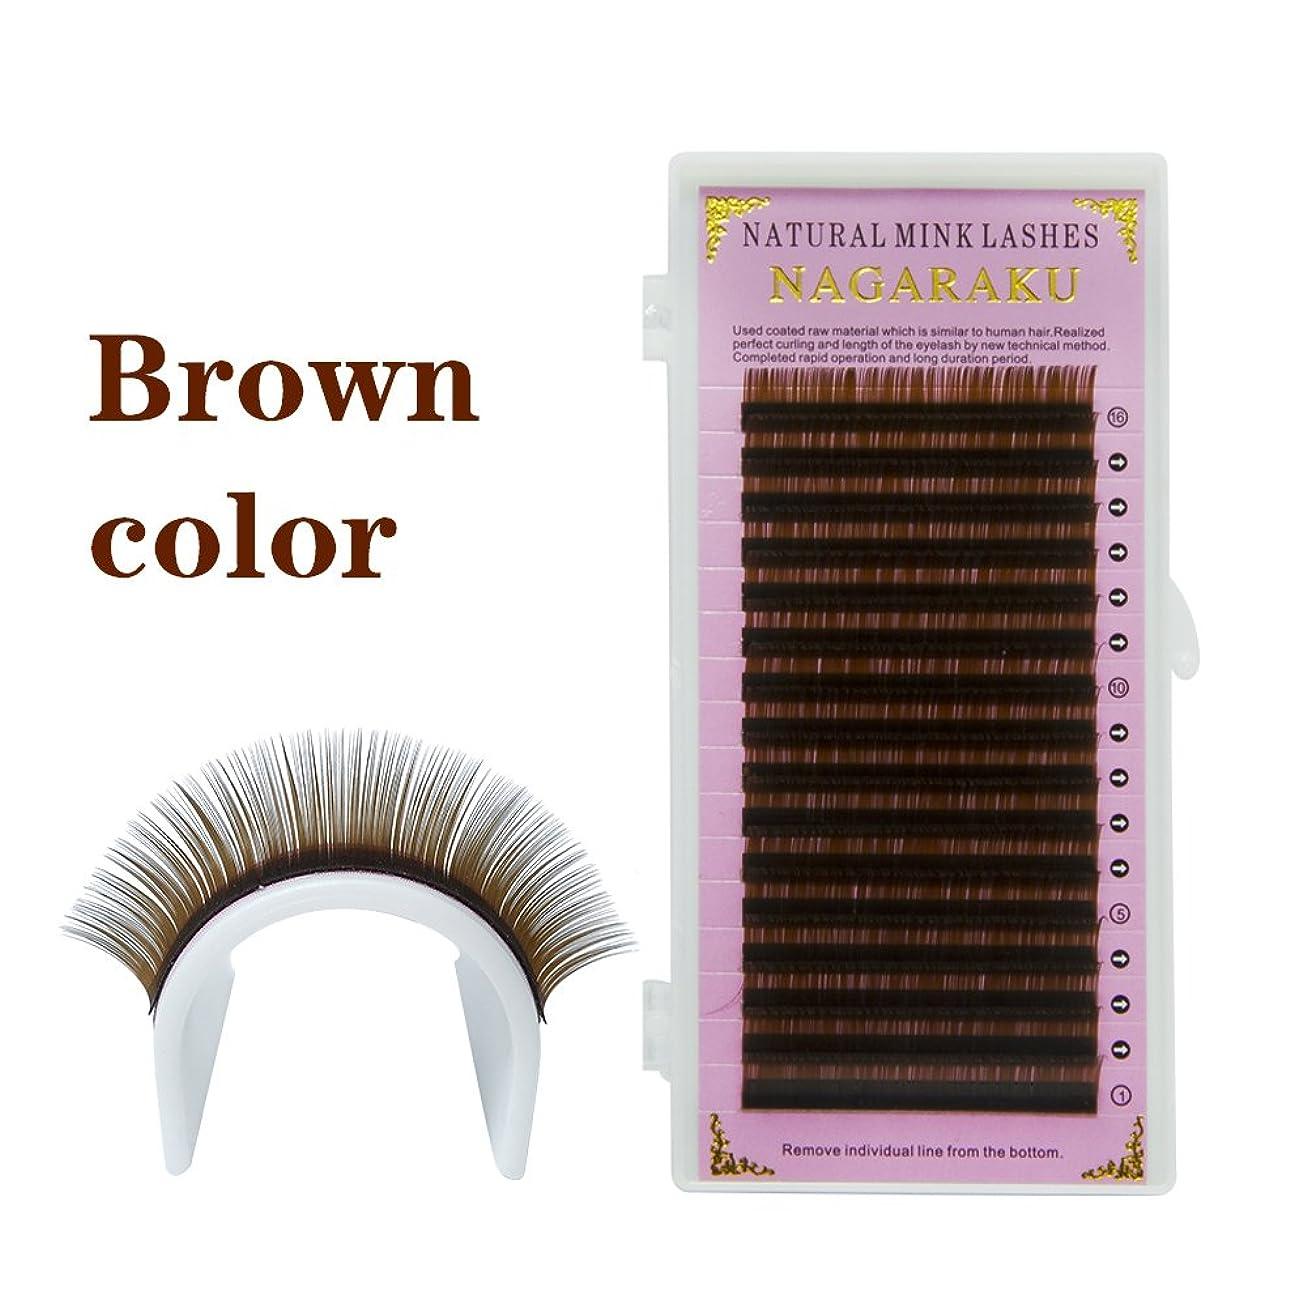 ノートうねるまでNAGARAKU 16列褐色ブラウン色まつげエクステ個人用のまつげミンクMinkマツエク、ソフトとナチュラル(0.07 C 15mm)